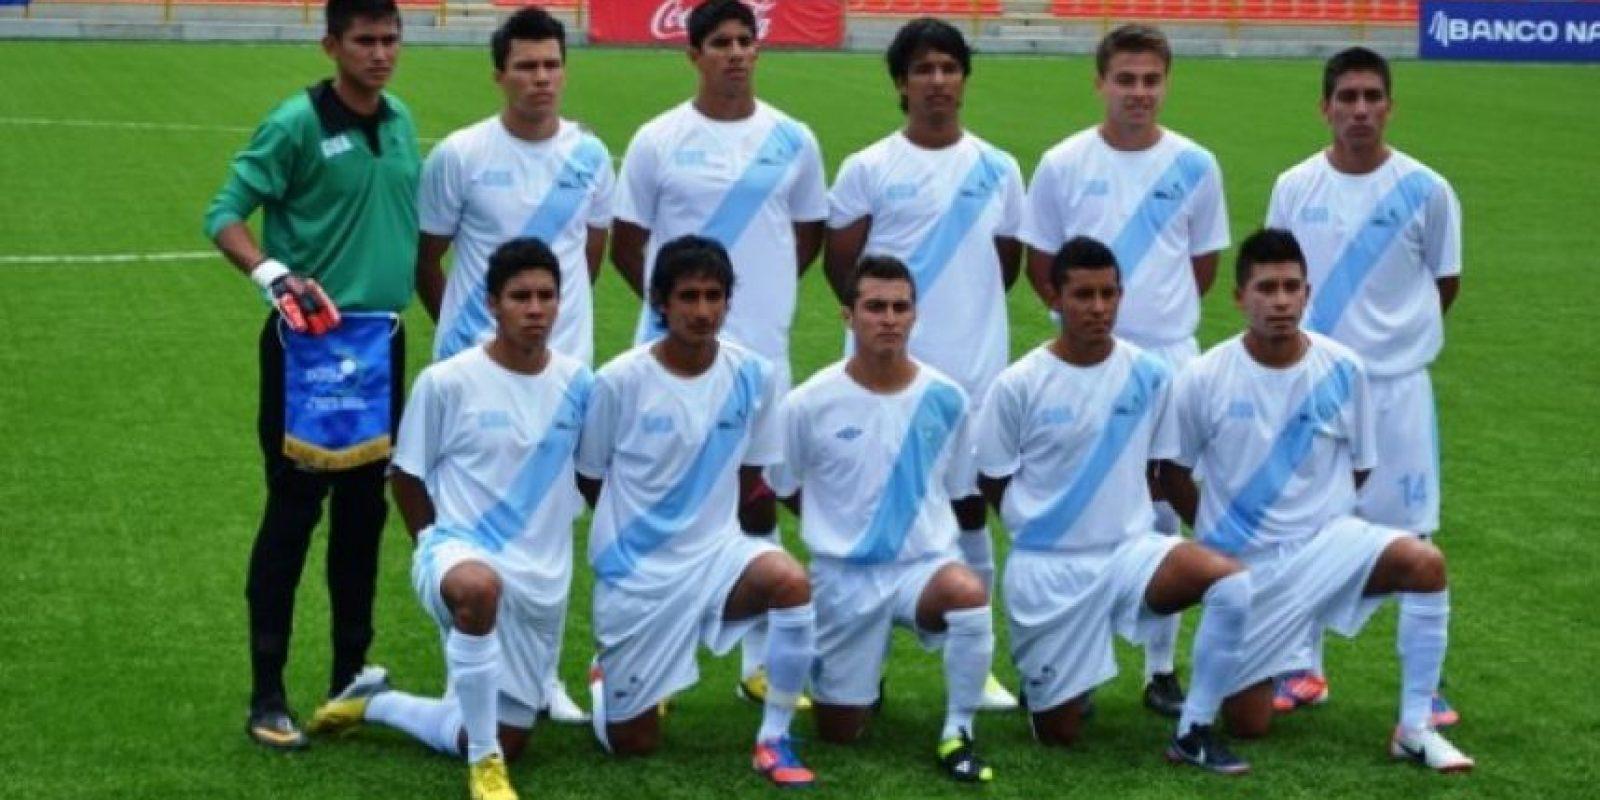 Este es el equipo que venció esta mañana a Panamá, en los Juegos Centroamericanos. Foto:Mynor Arita, enviado especial